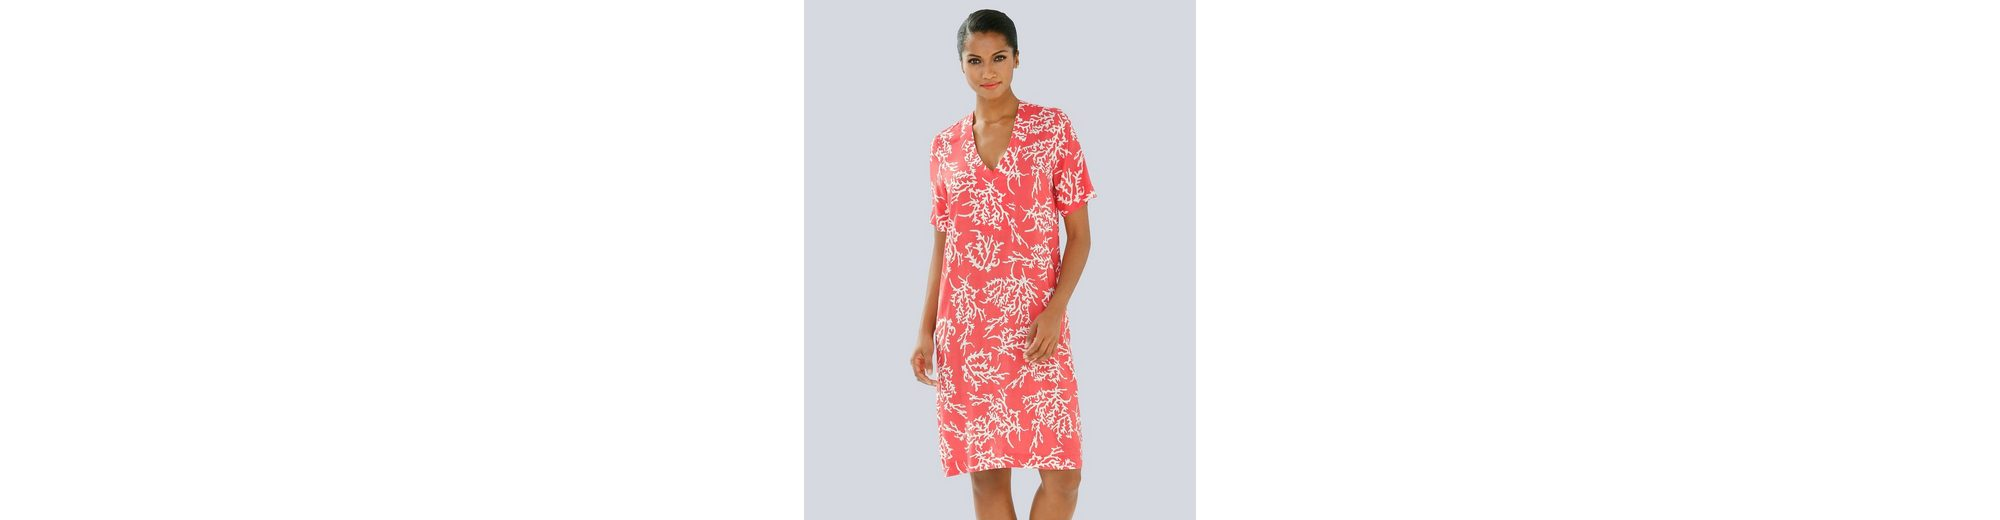 Alba Moda Tunika-Kleid mit Korallendruck Billig Größte Lieferant JpQrDu2